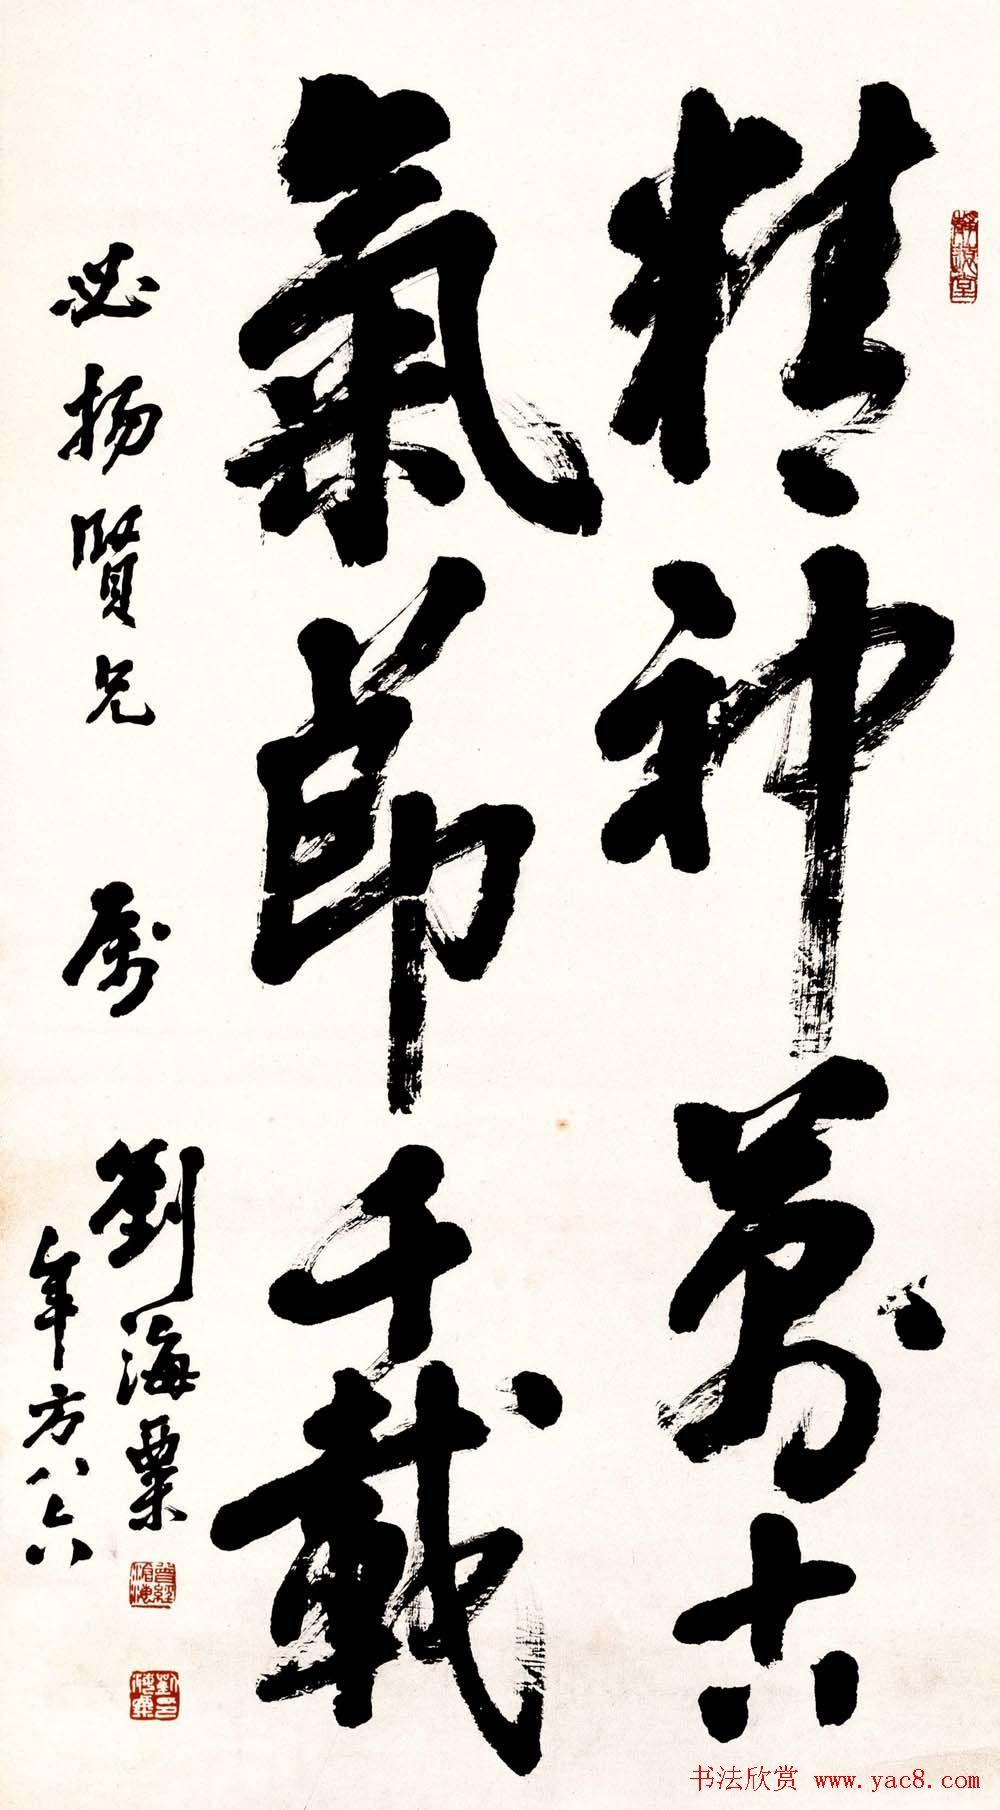 名人墨迹展览刘海粟书法艺术